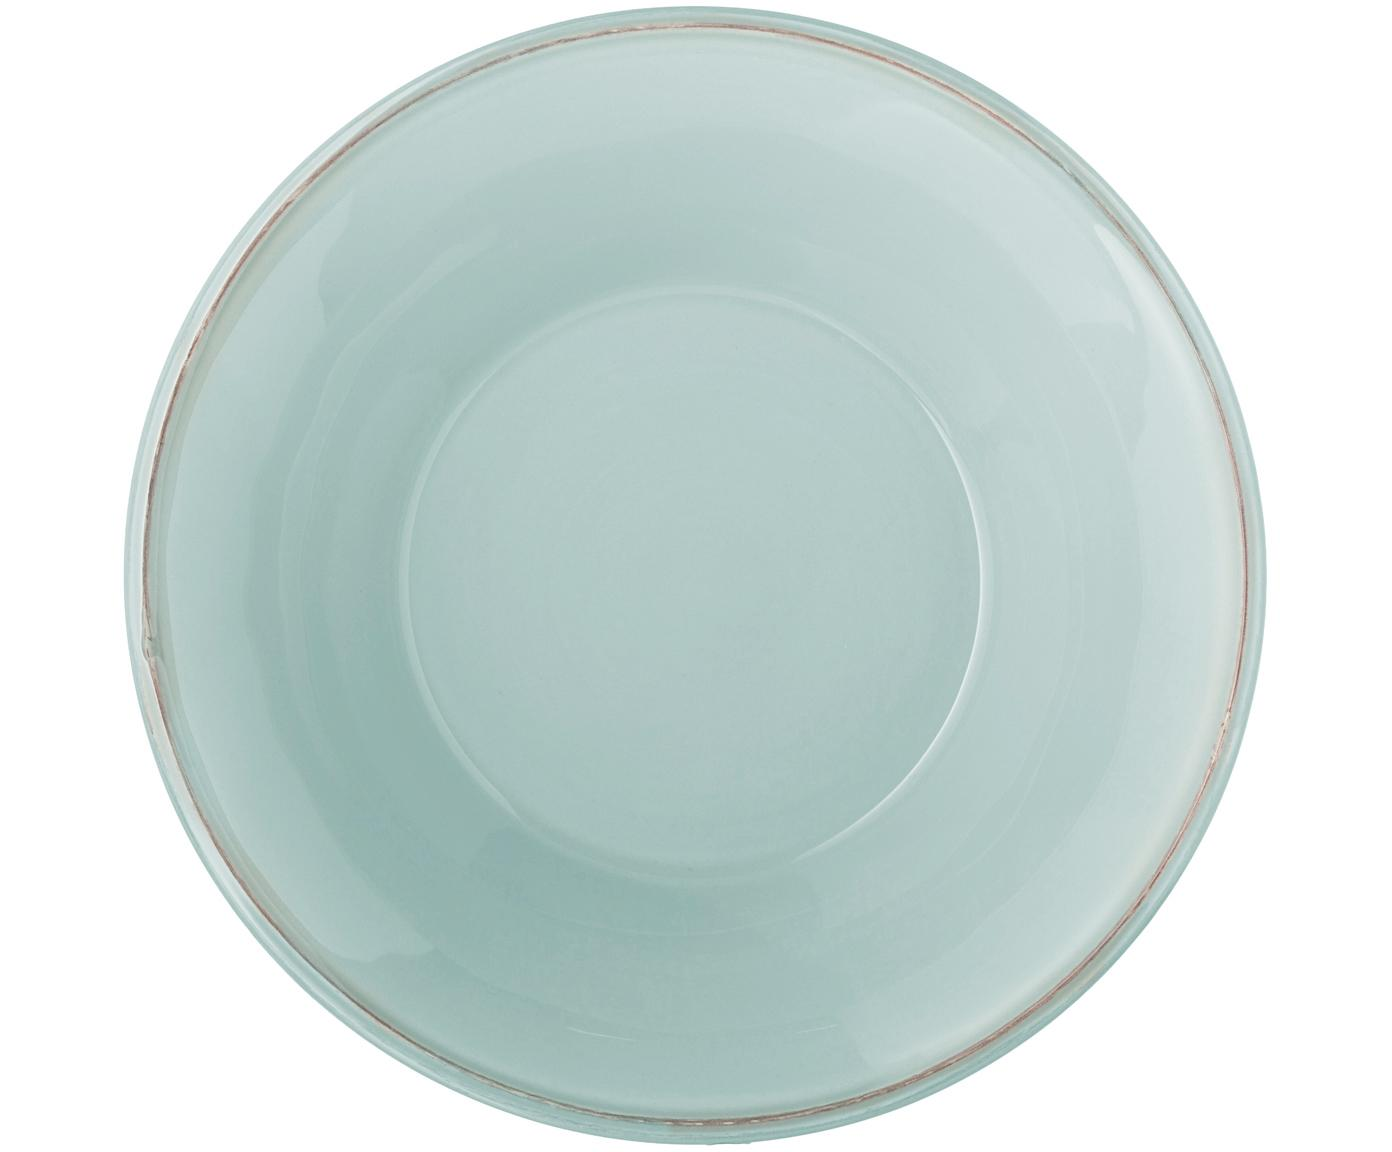 Schalen Constance in Mint im Landhaus Style, 2 Stück, Steingut, Mint, Ø 19 x H 5 cm